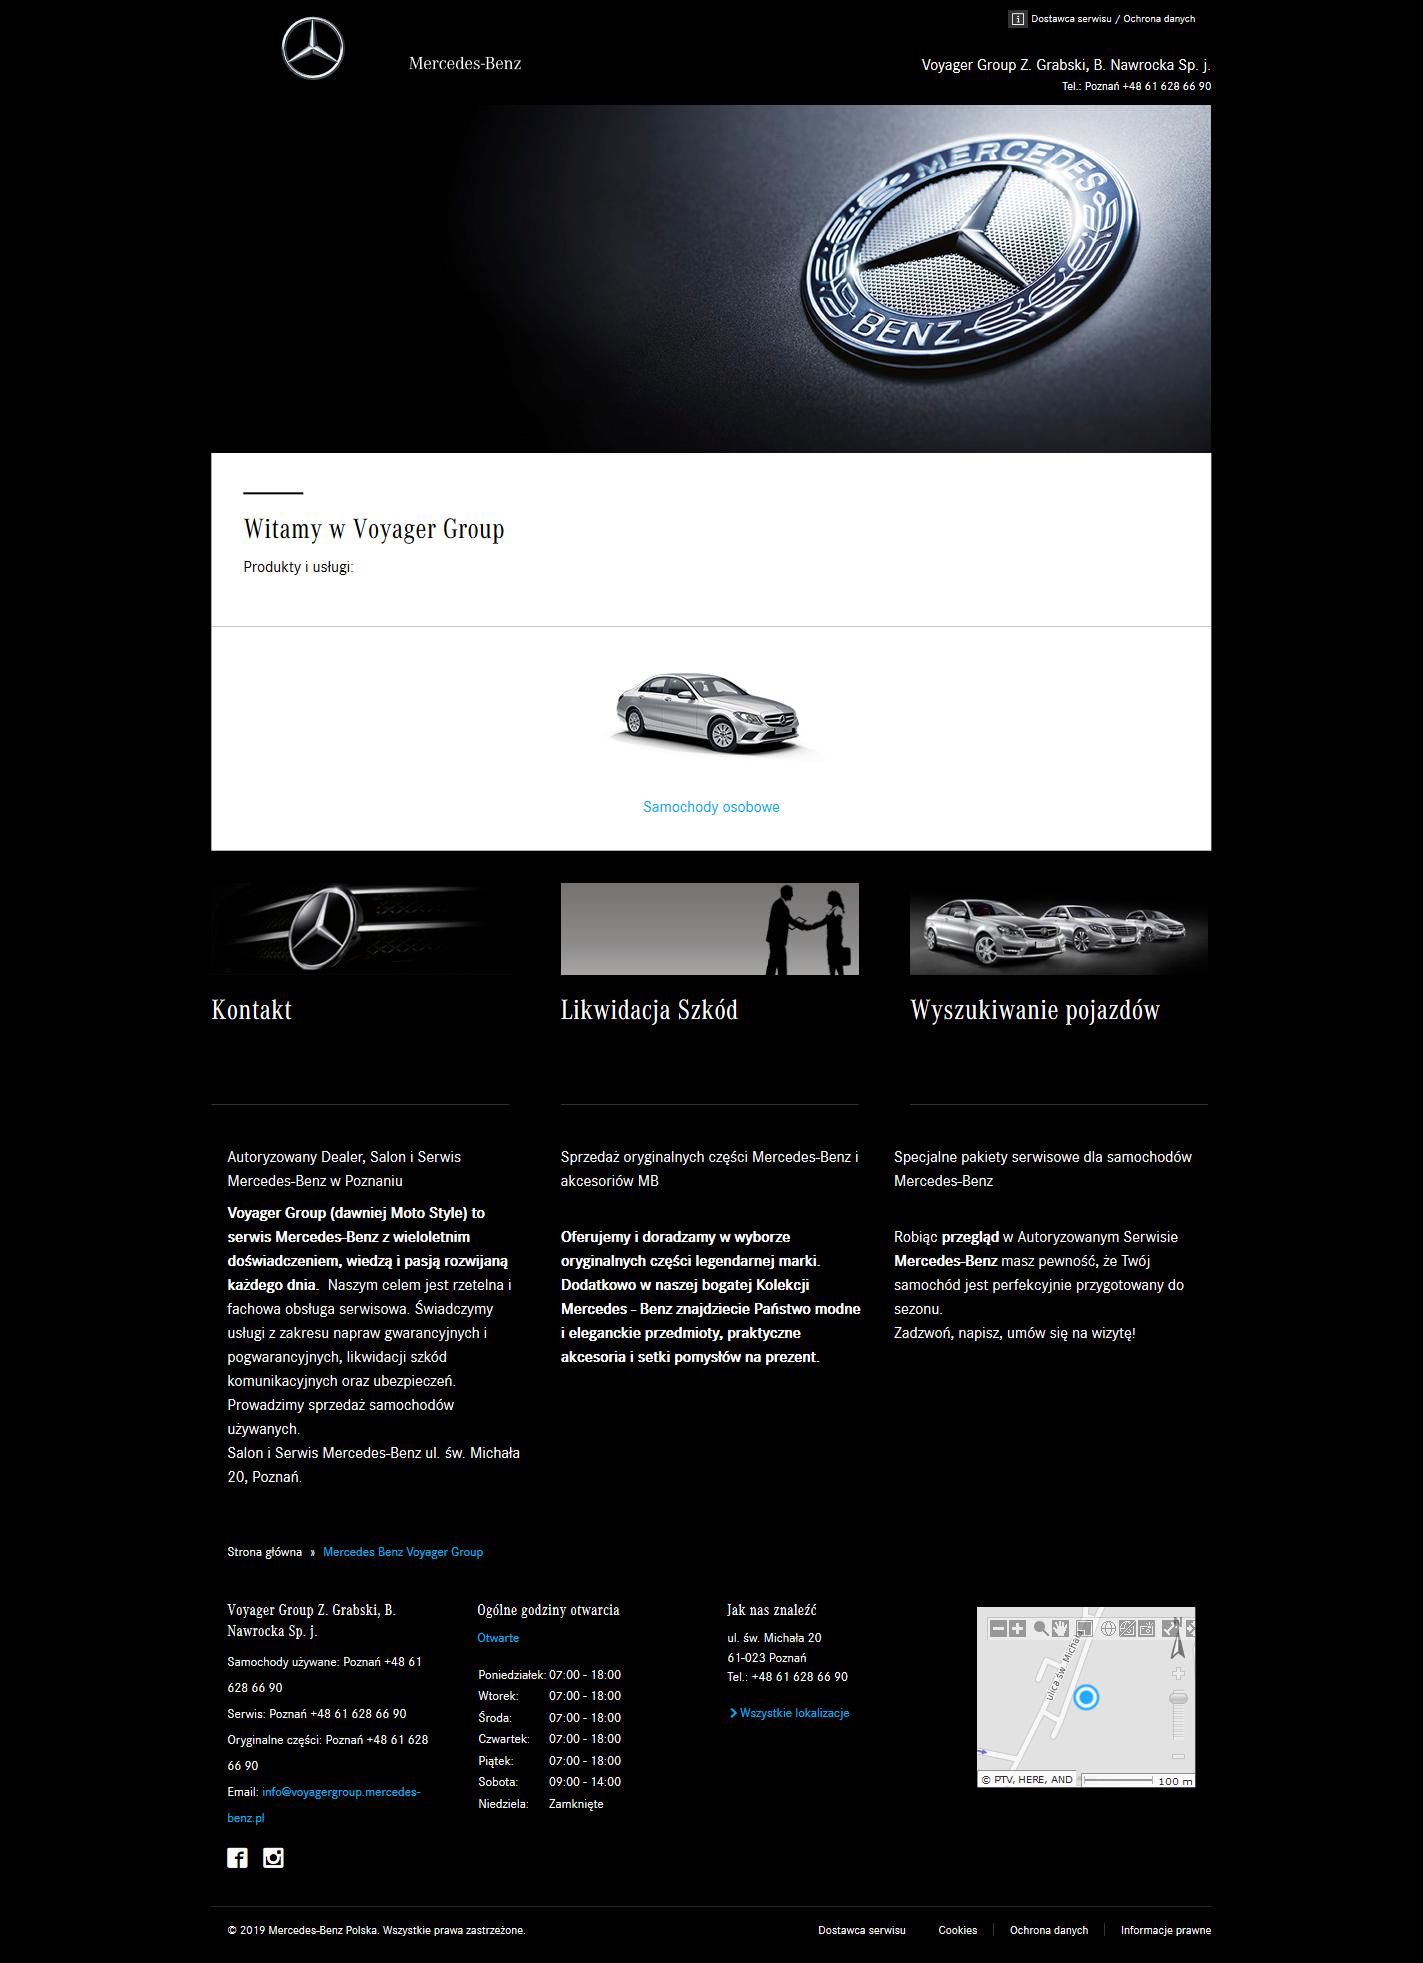 Voyager Group - Autoryzowany Salon, Dealer i Serwis Mercedes Benz Poznań, Oryginalne Części Mercedes